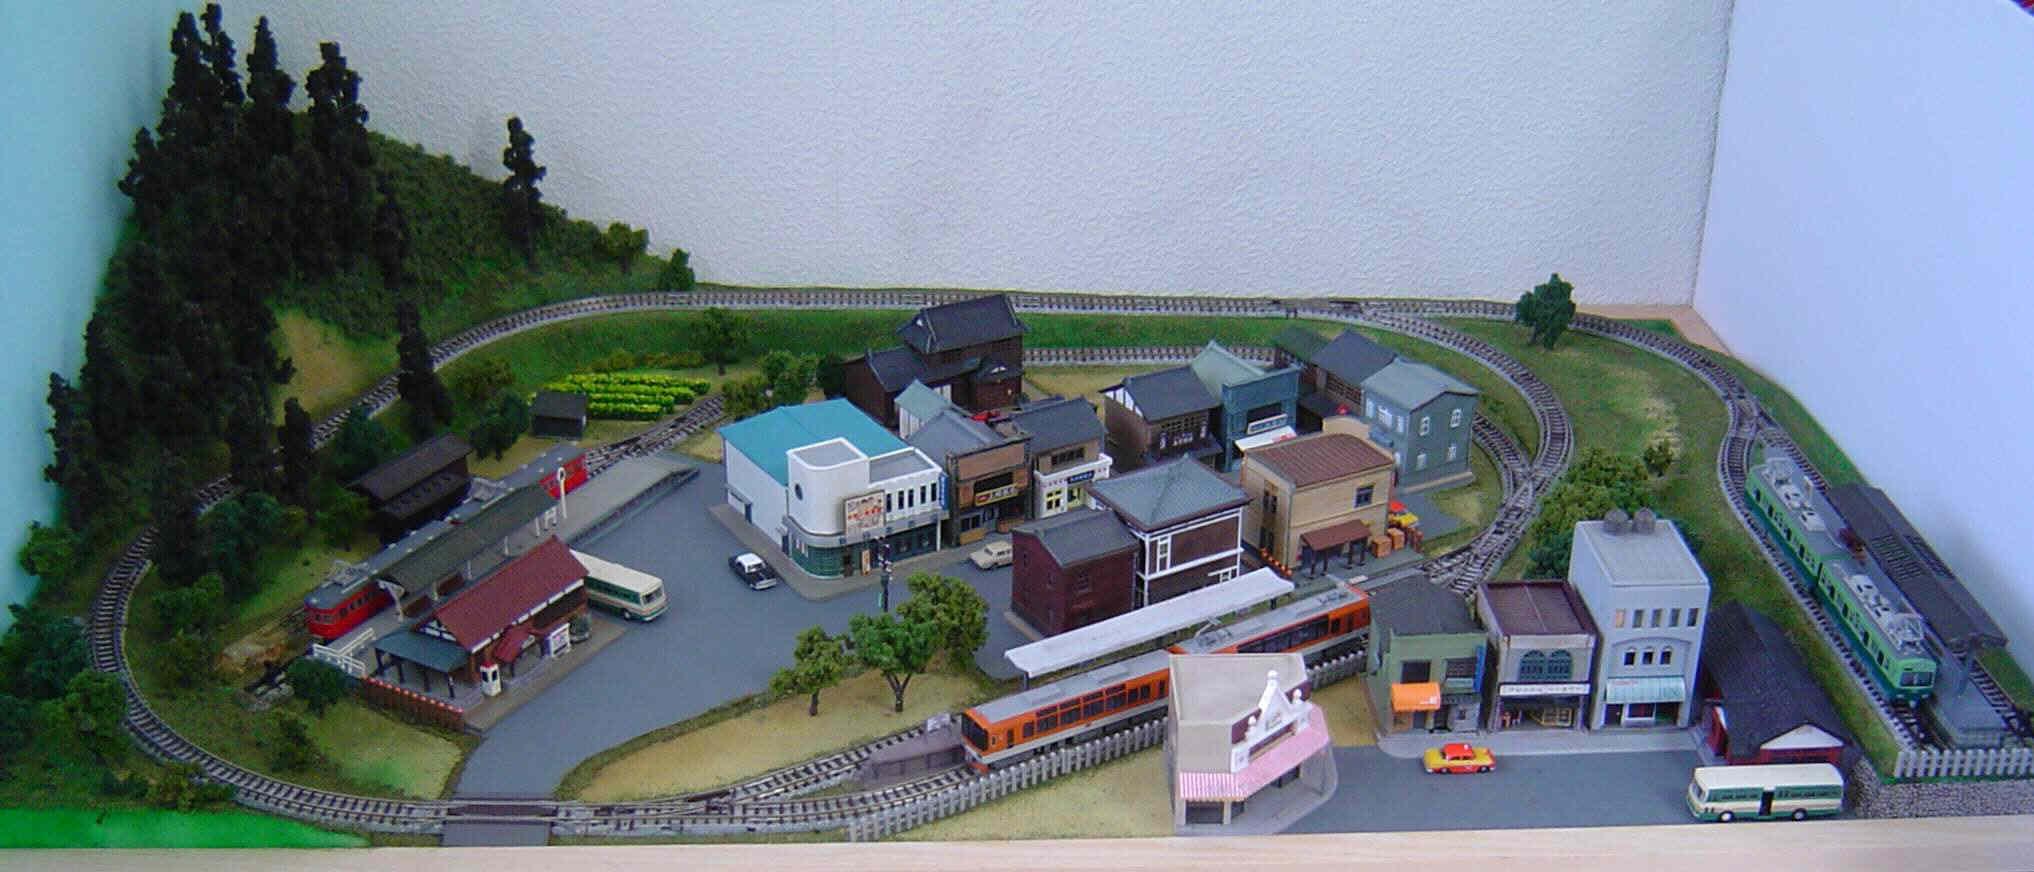 レイアウトはアートだ - 畑川 治の車・鉄道そして旅